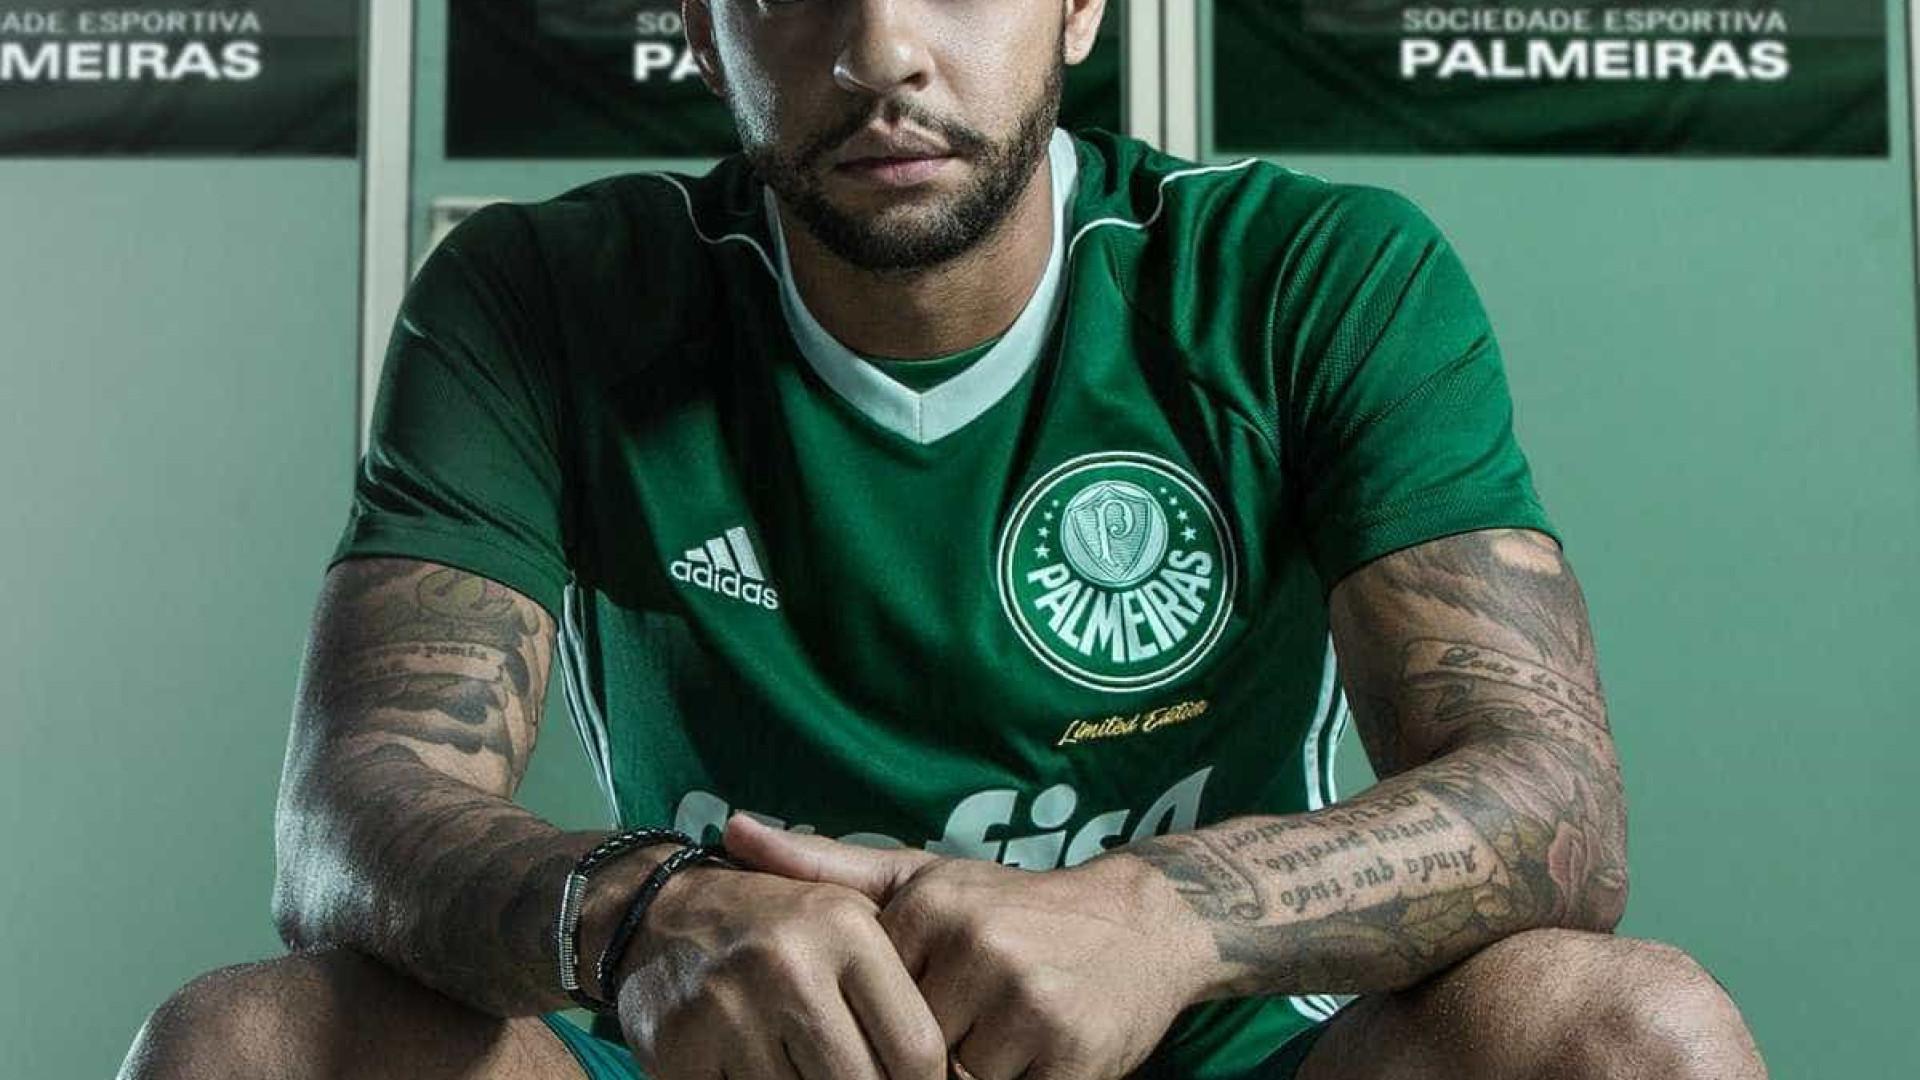 Saiba os times e jogadores do Brasileirão mais populares no Google